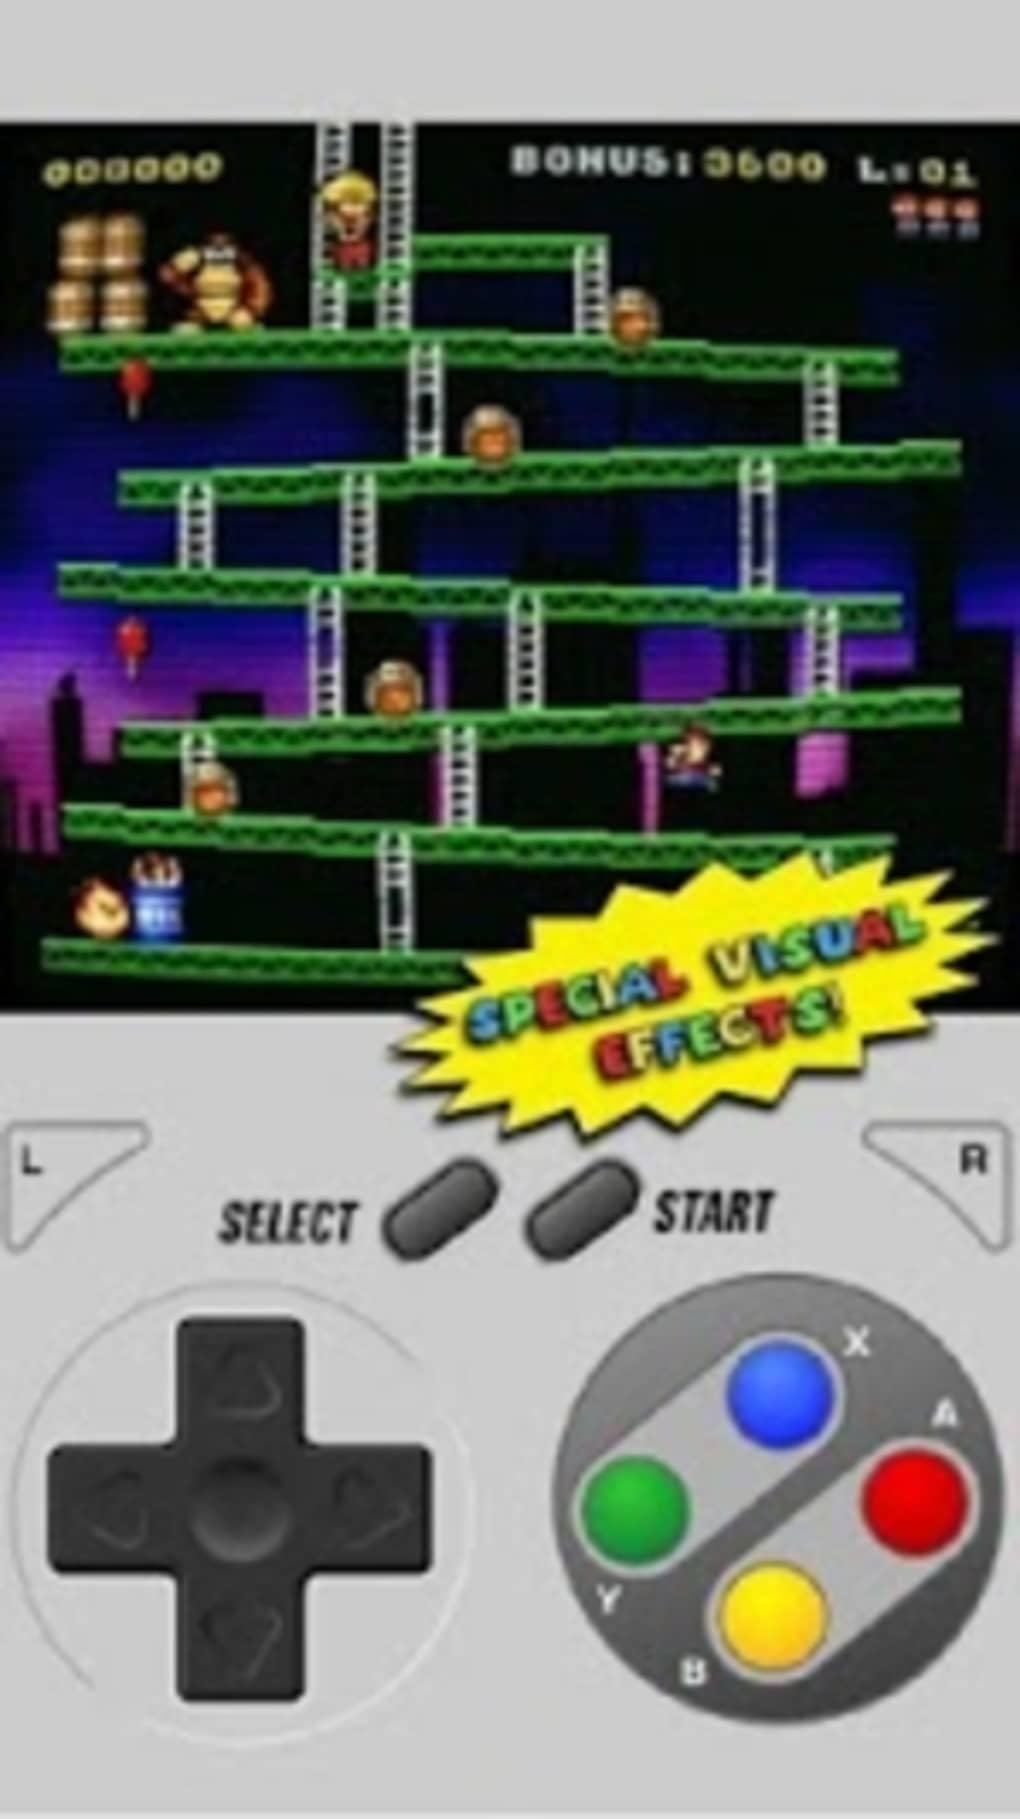 SuperGNES Lite (SNES Emulator) for Android - Download